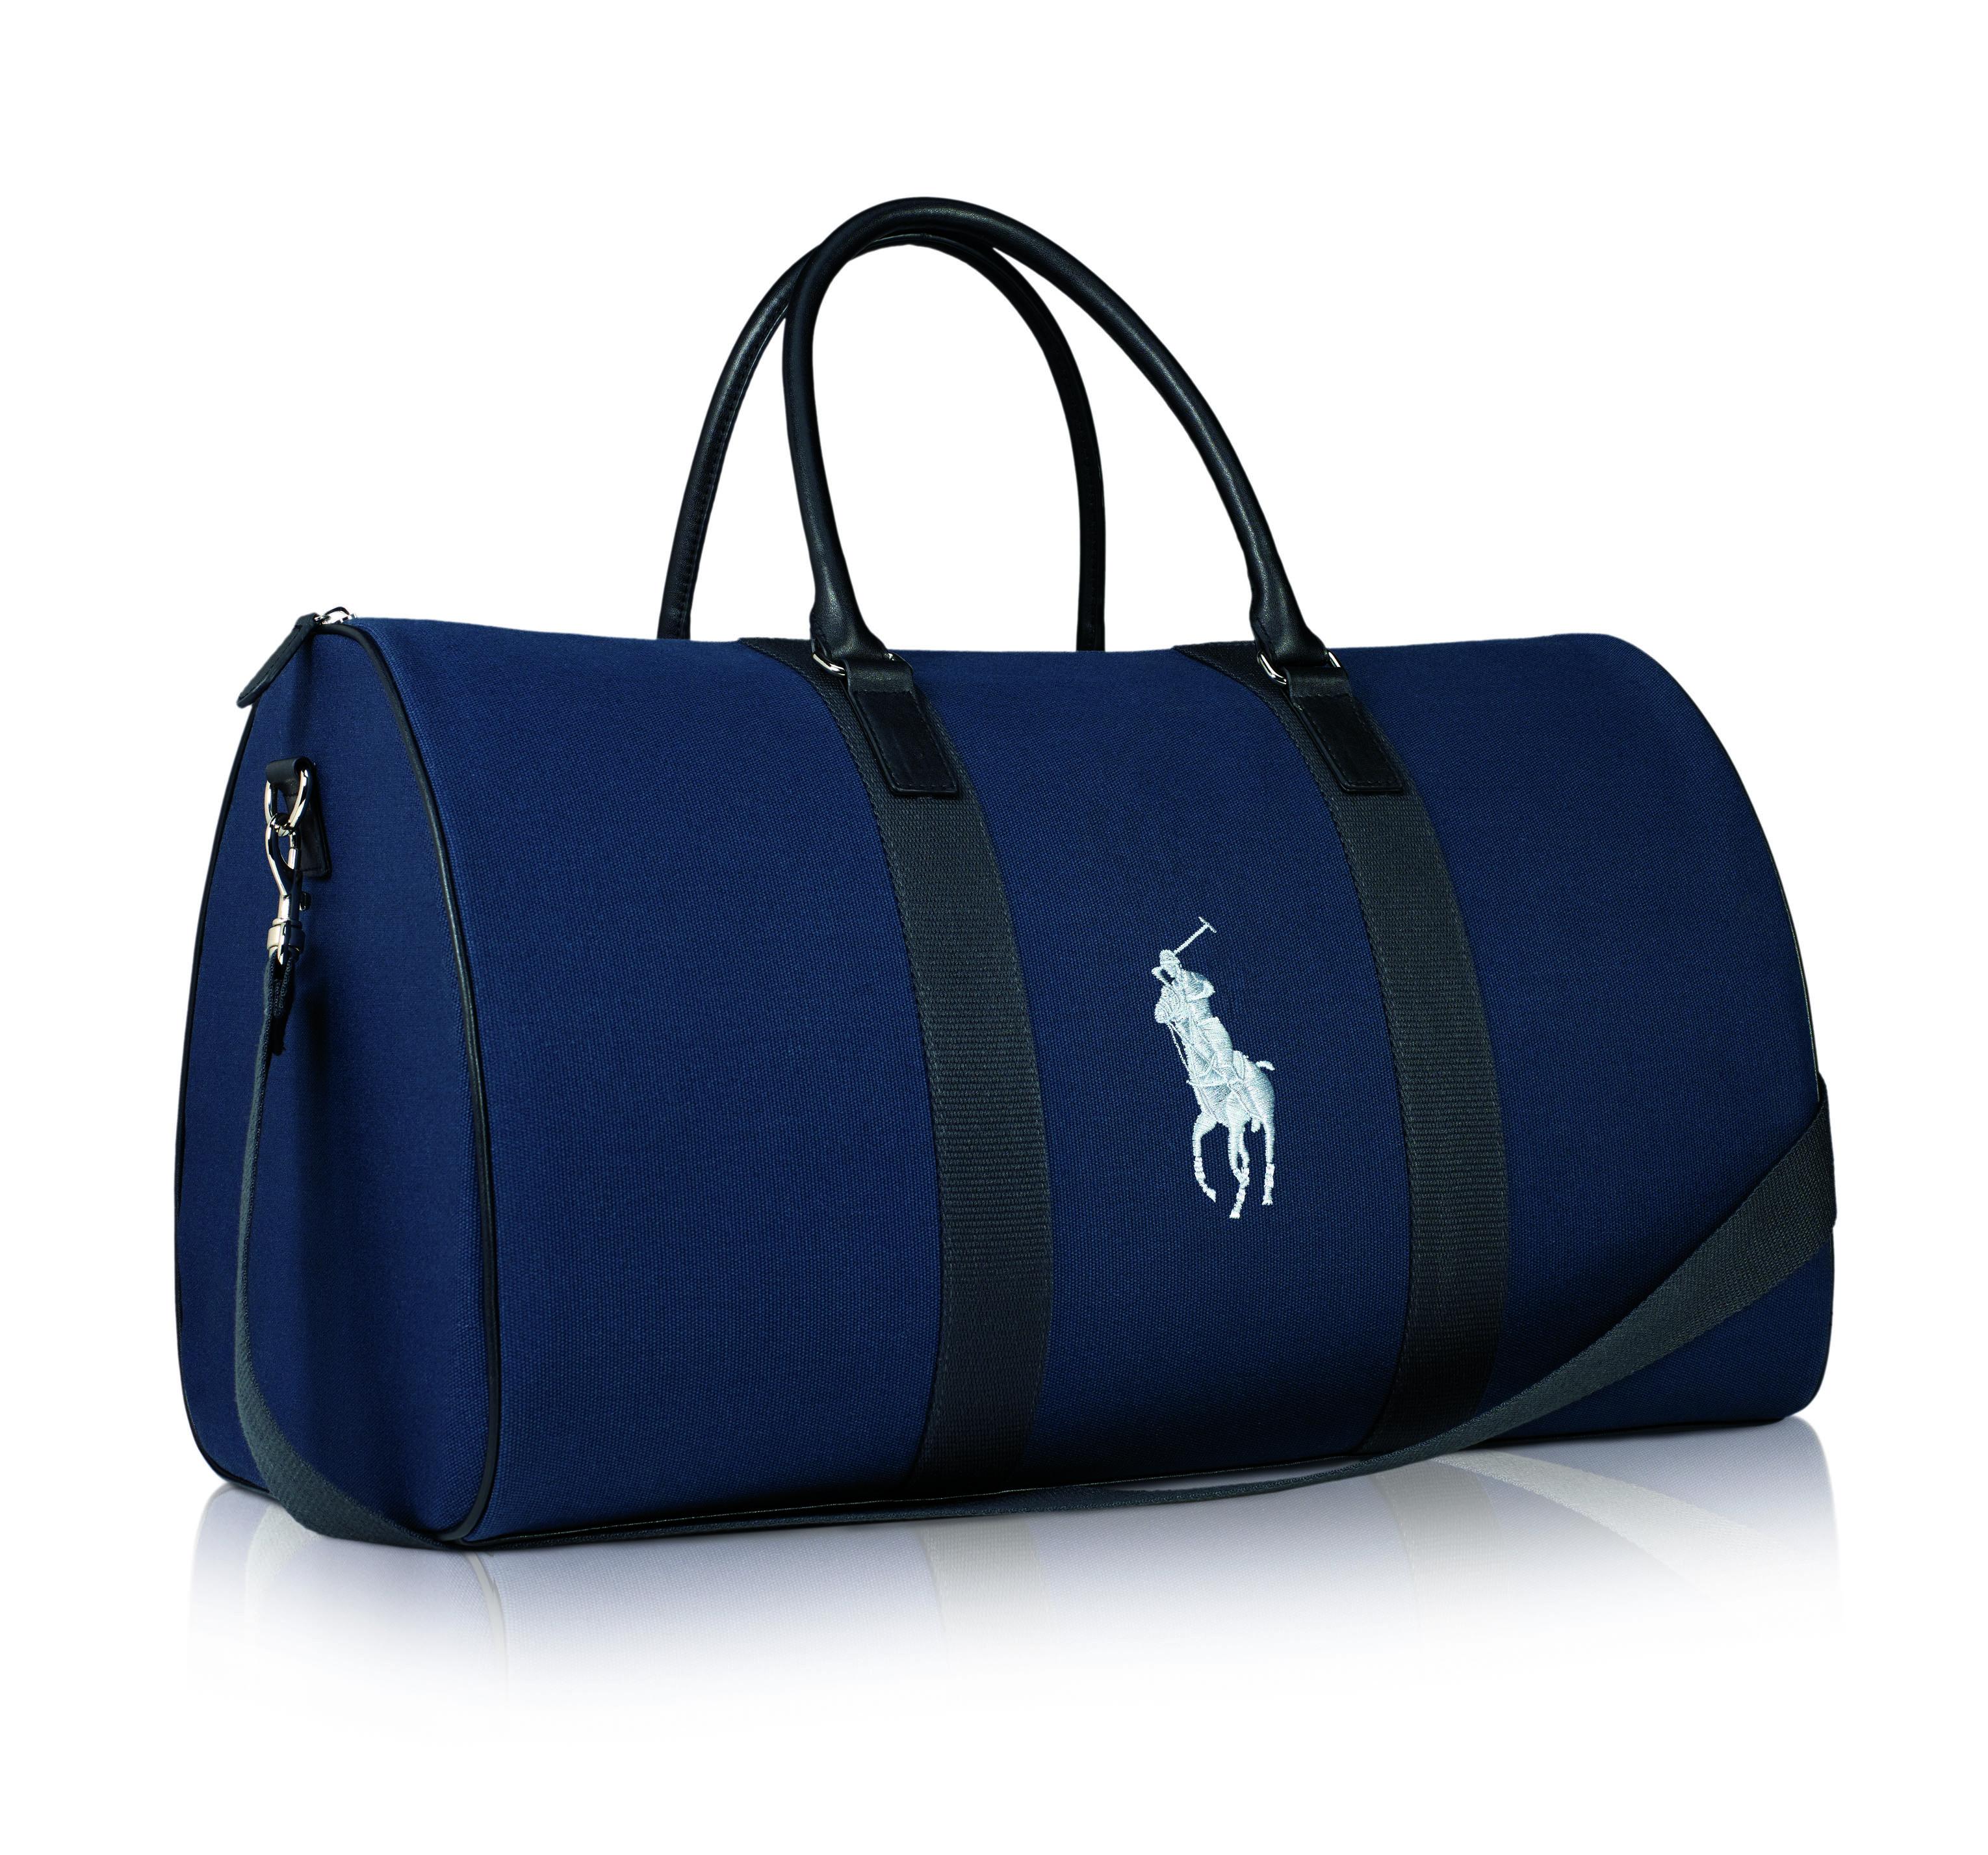 Bulto de viaje Ralph Lauren -Es el regalo para quienes compren cualquier fragancia masculina de Ralph Lauren de $118 ml. o más. Obténlo a través de beautyshoppr.com. (Suministrada)